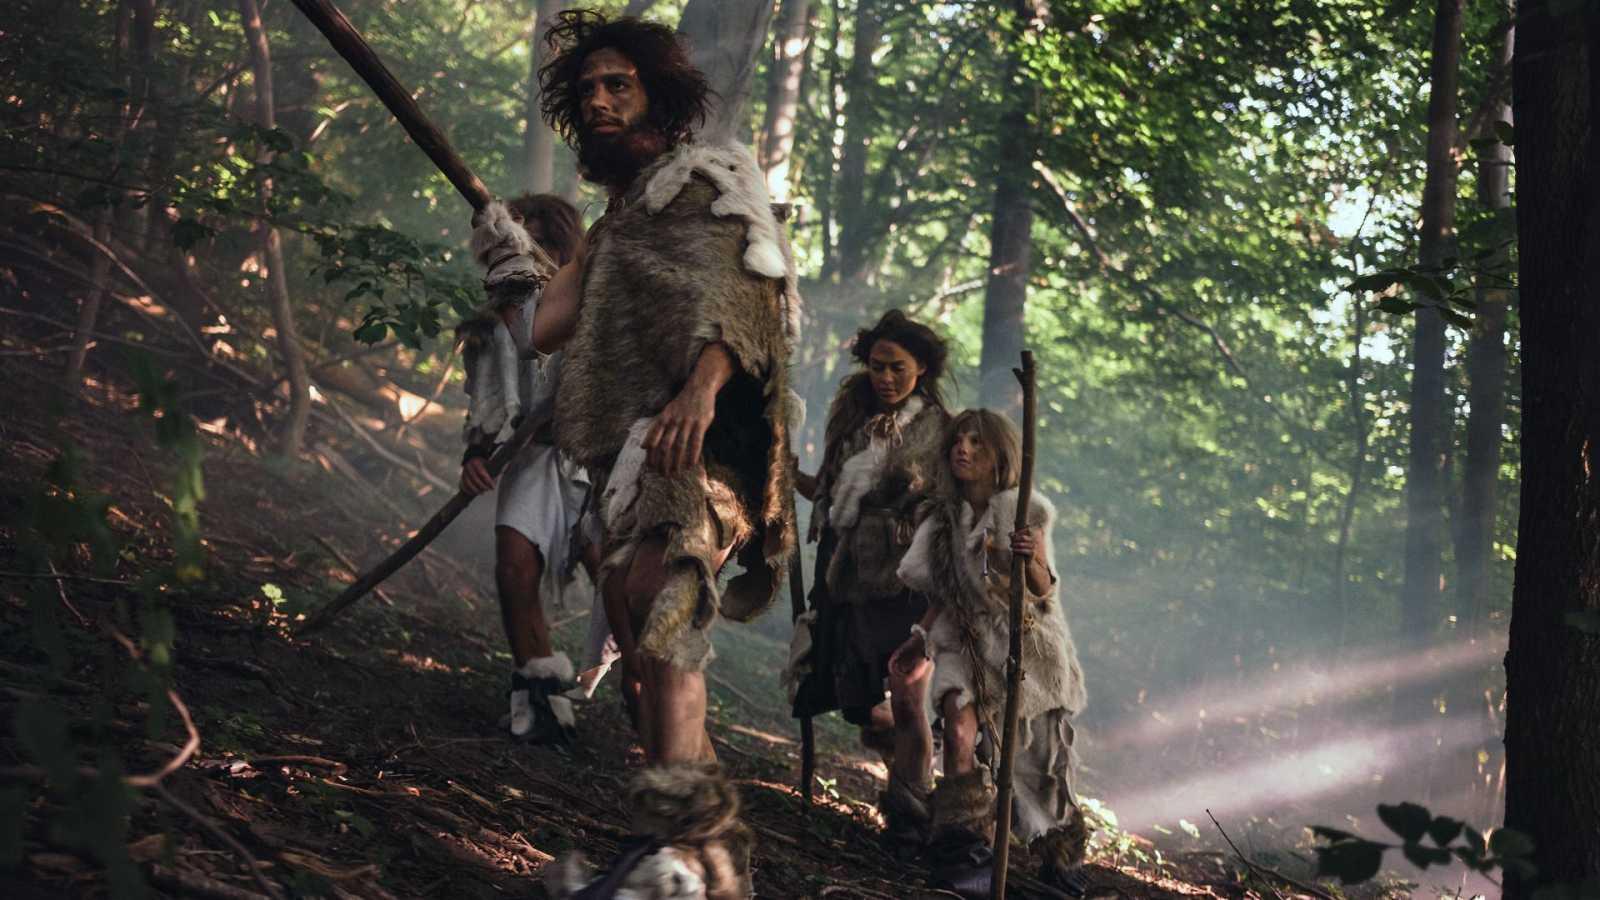 Una habilidad desconocida hasta hoy de los neandertales: tenían la capacidad de hablar